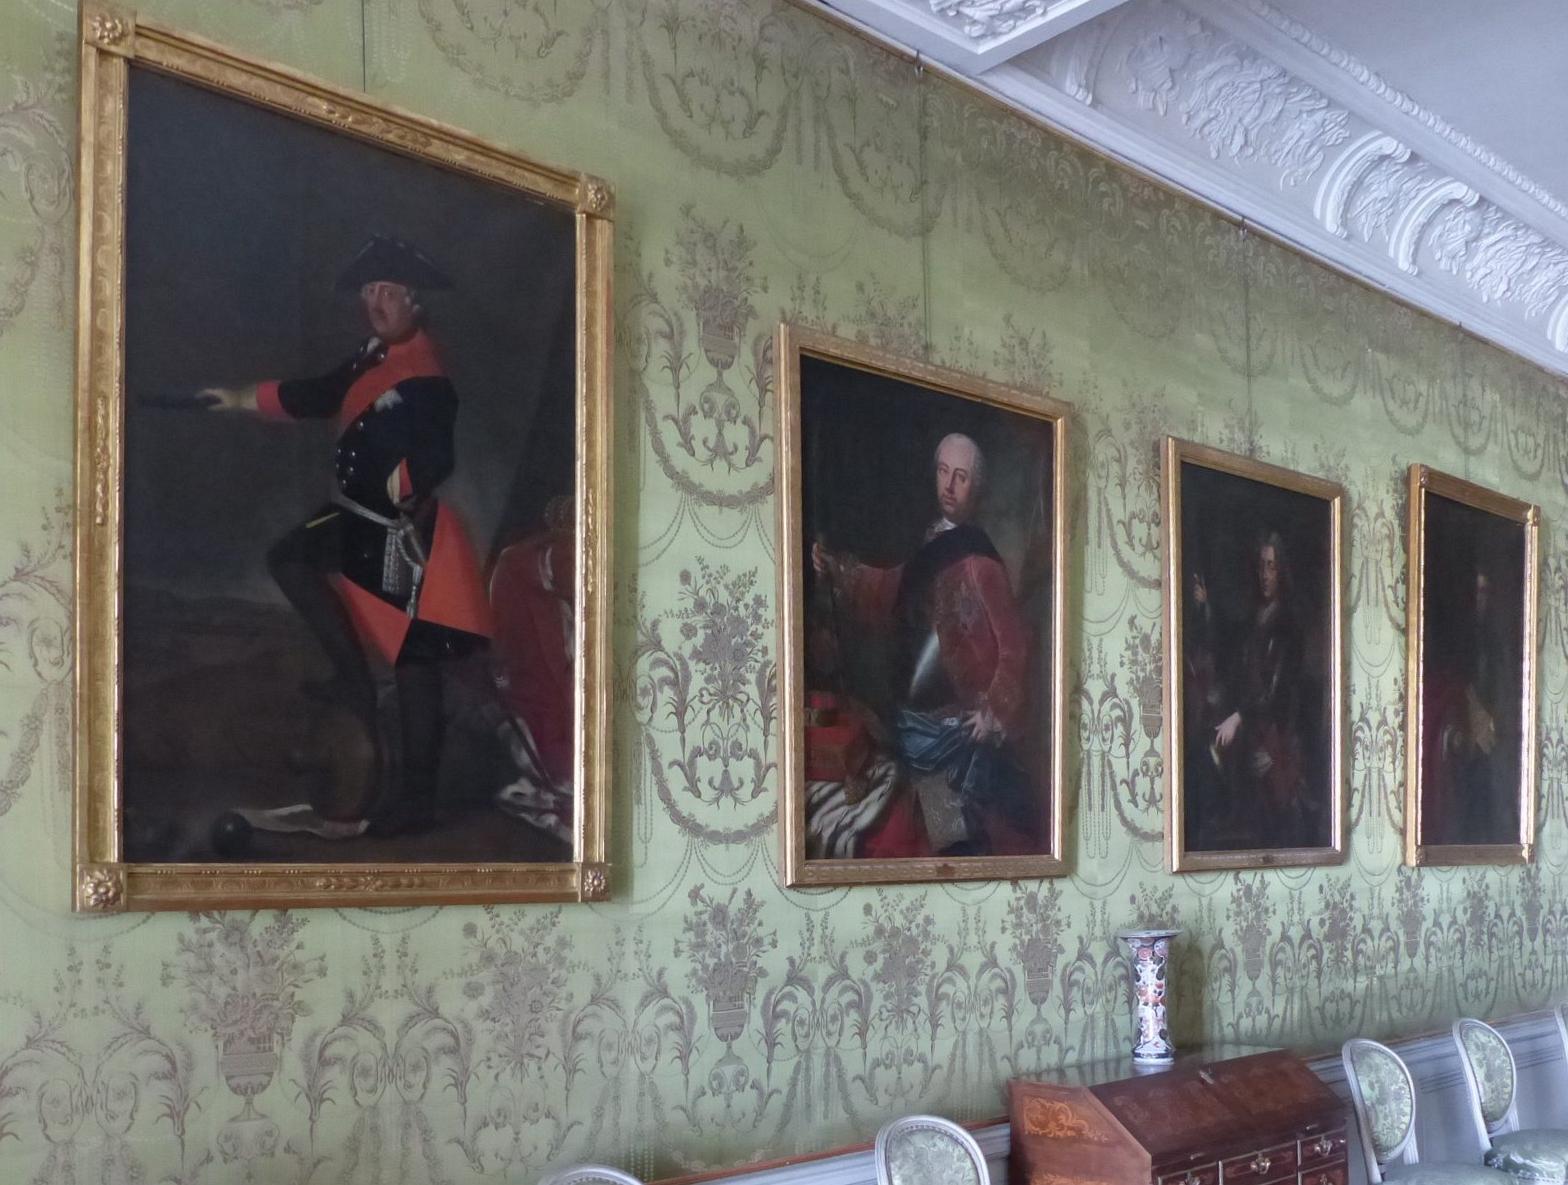 In der Galerie einen Ehrenplatz: Friedrich der Große, Foto: D.Weirauch